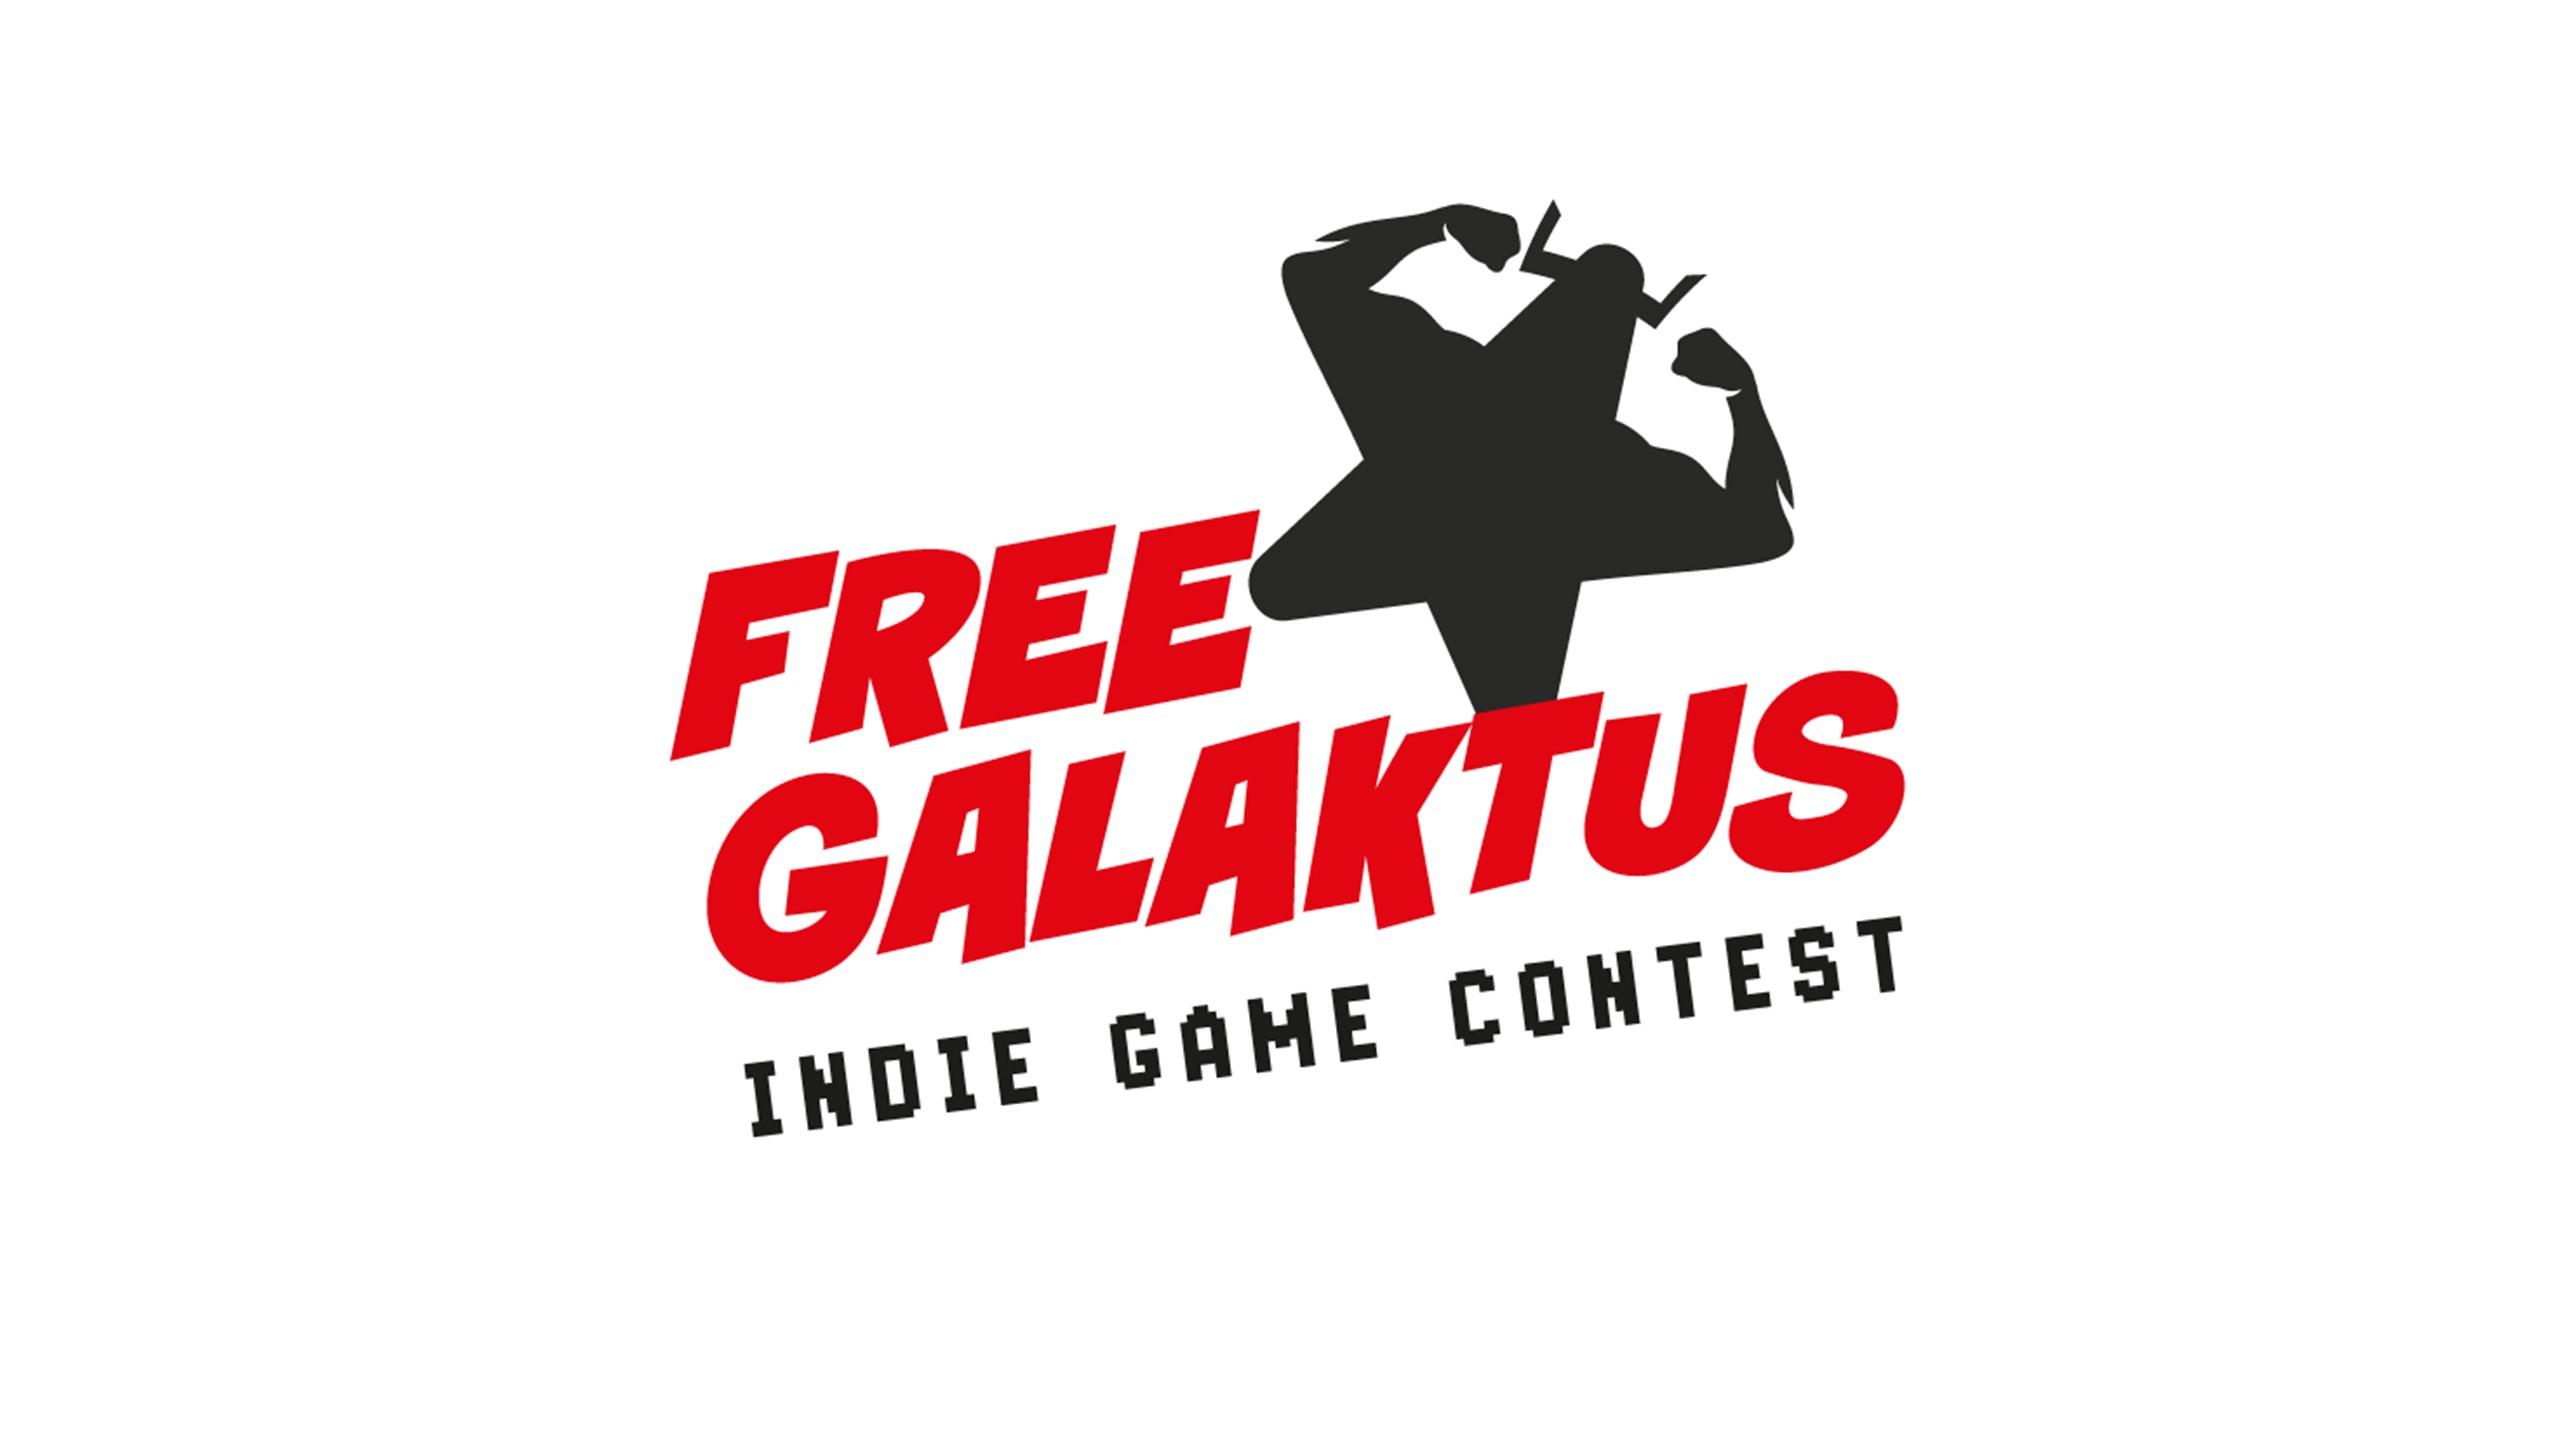 FreeGalaktus